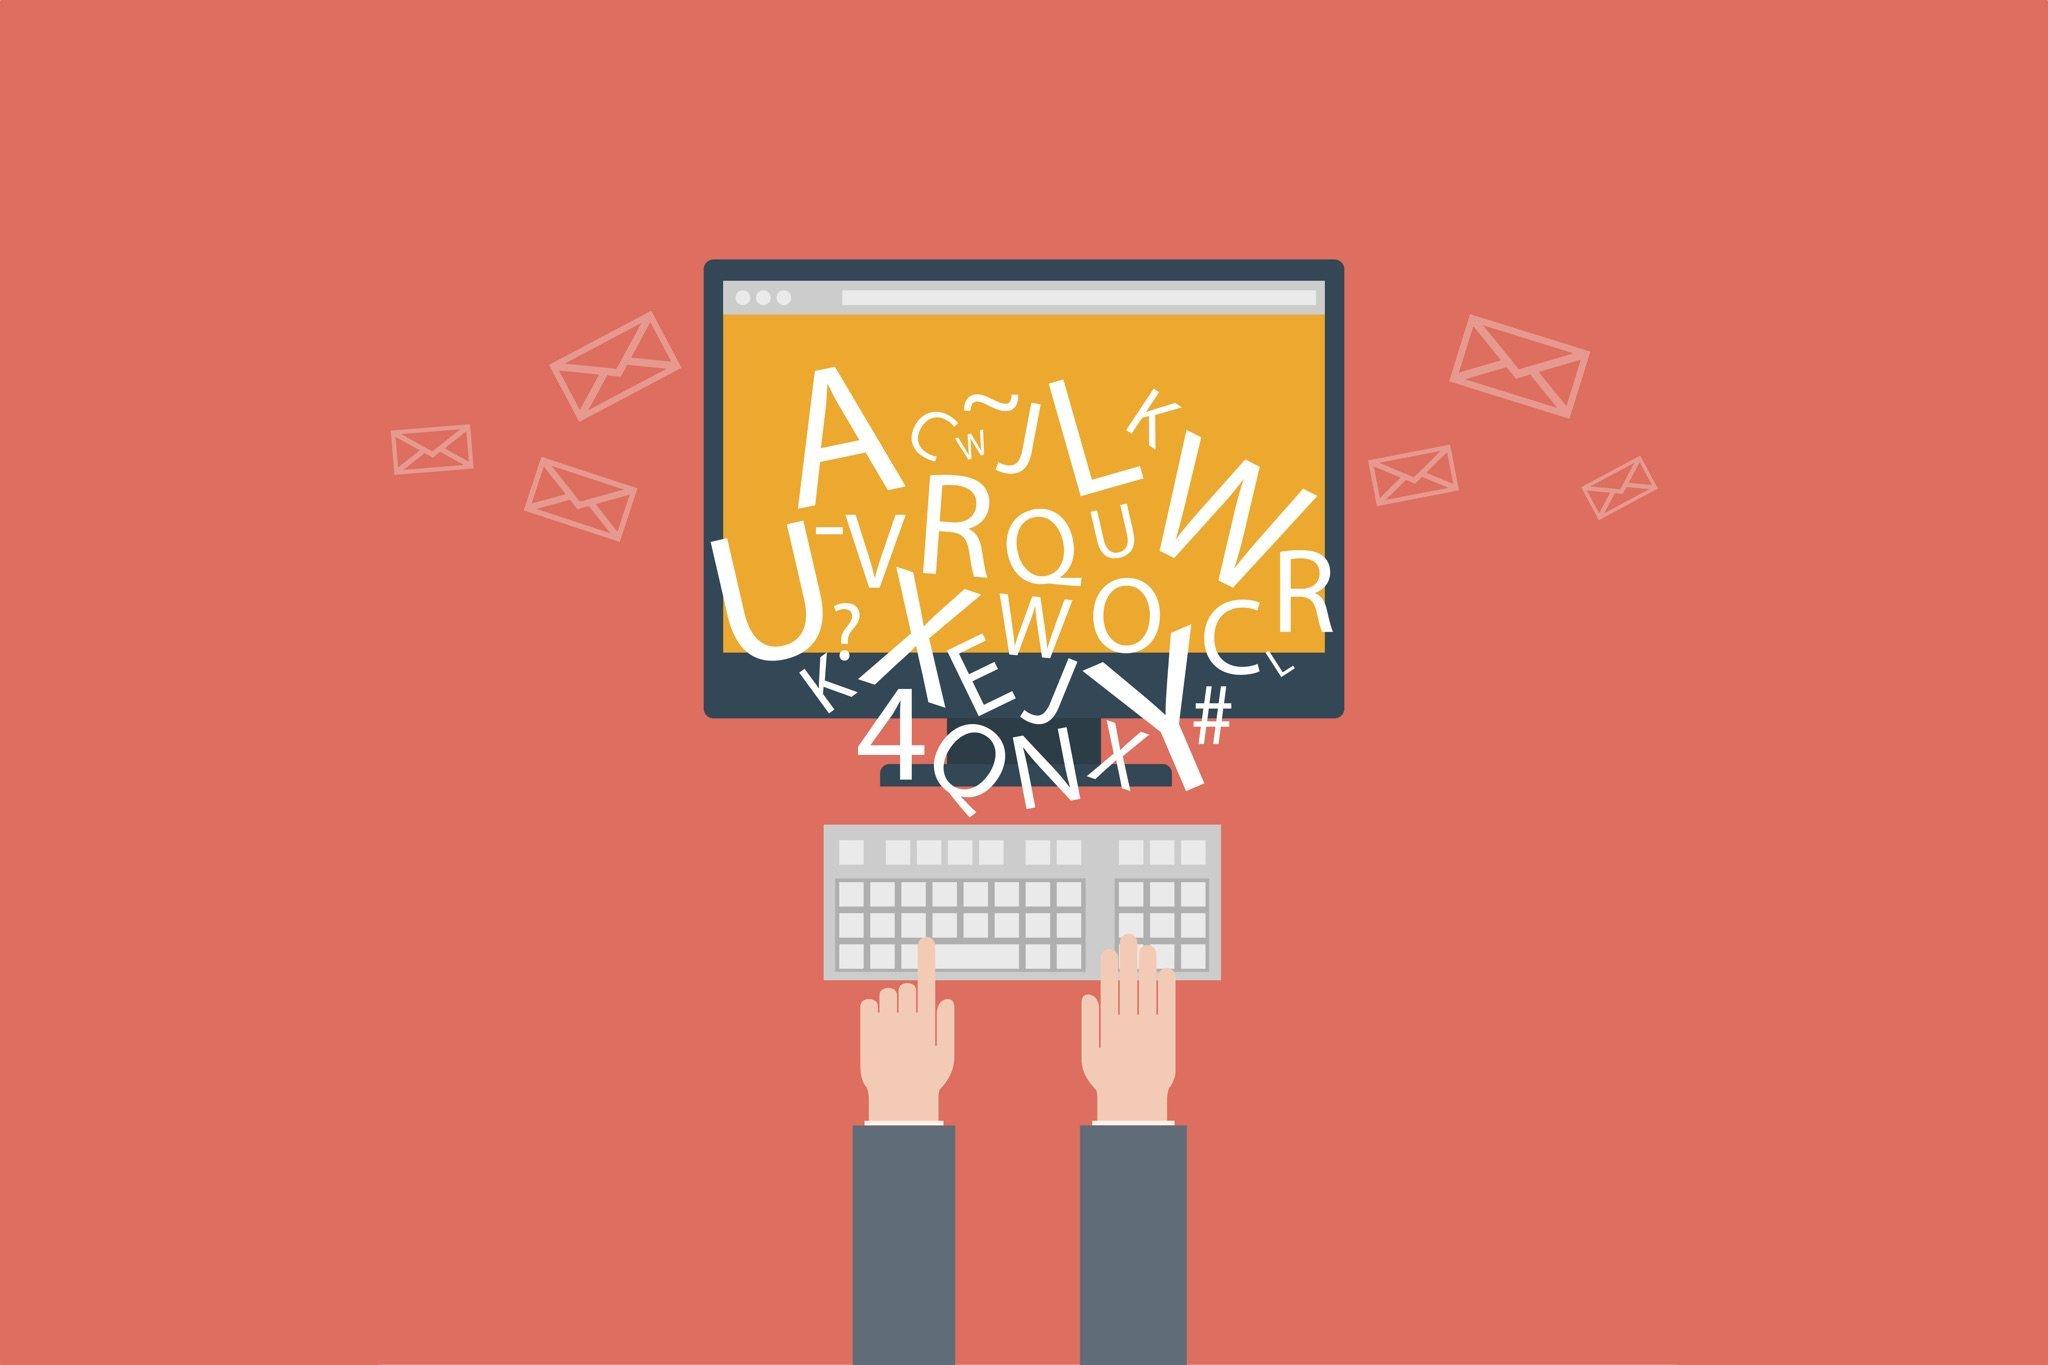 ad822f3f5c0 Rédaction web   comment bien écrire sur le web